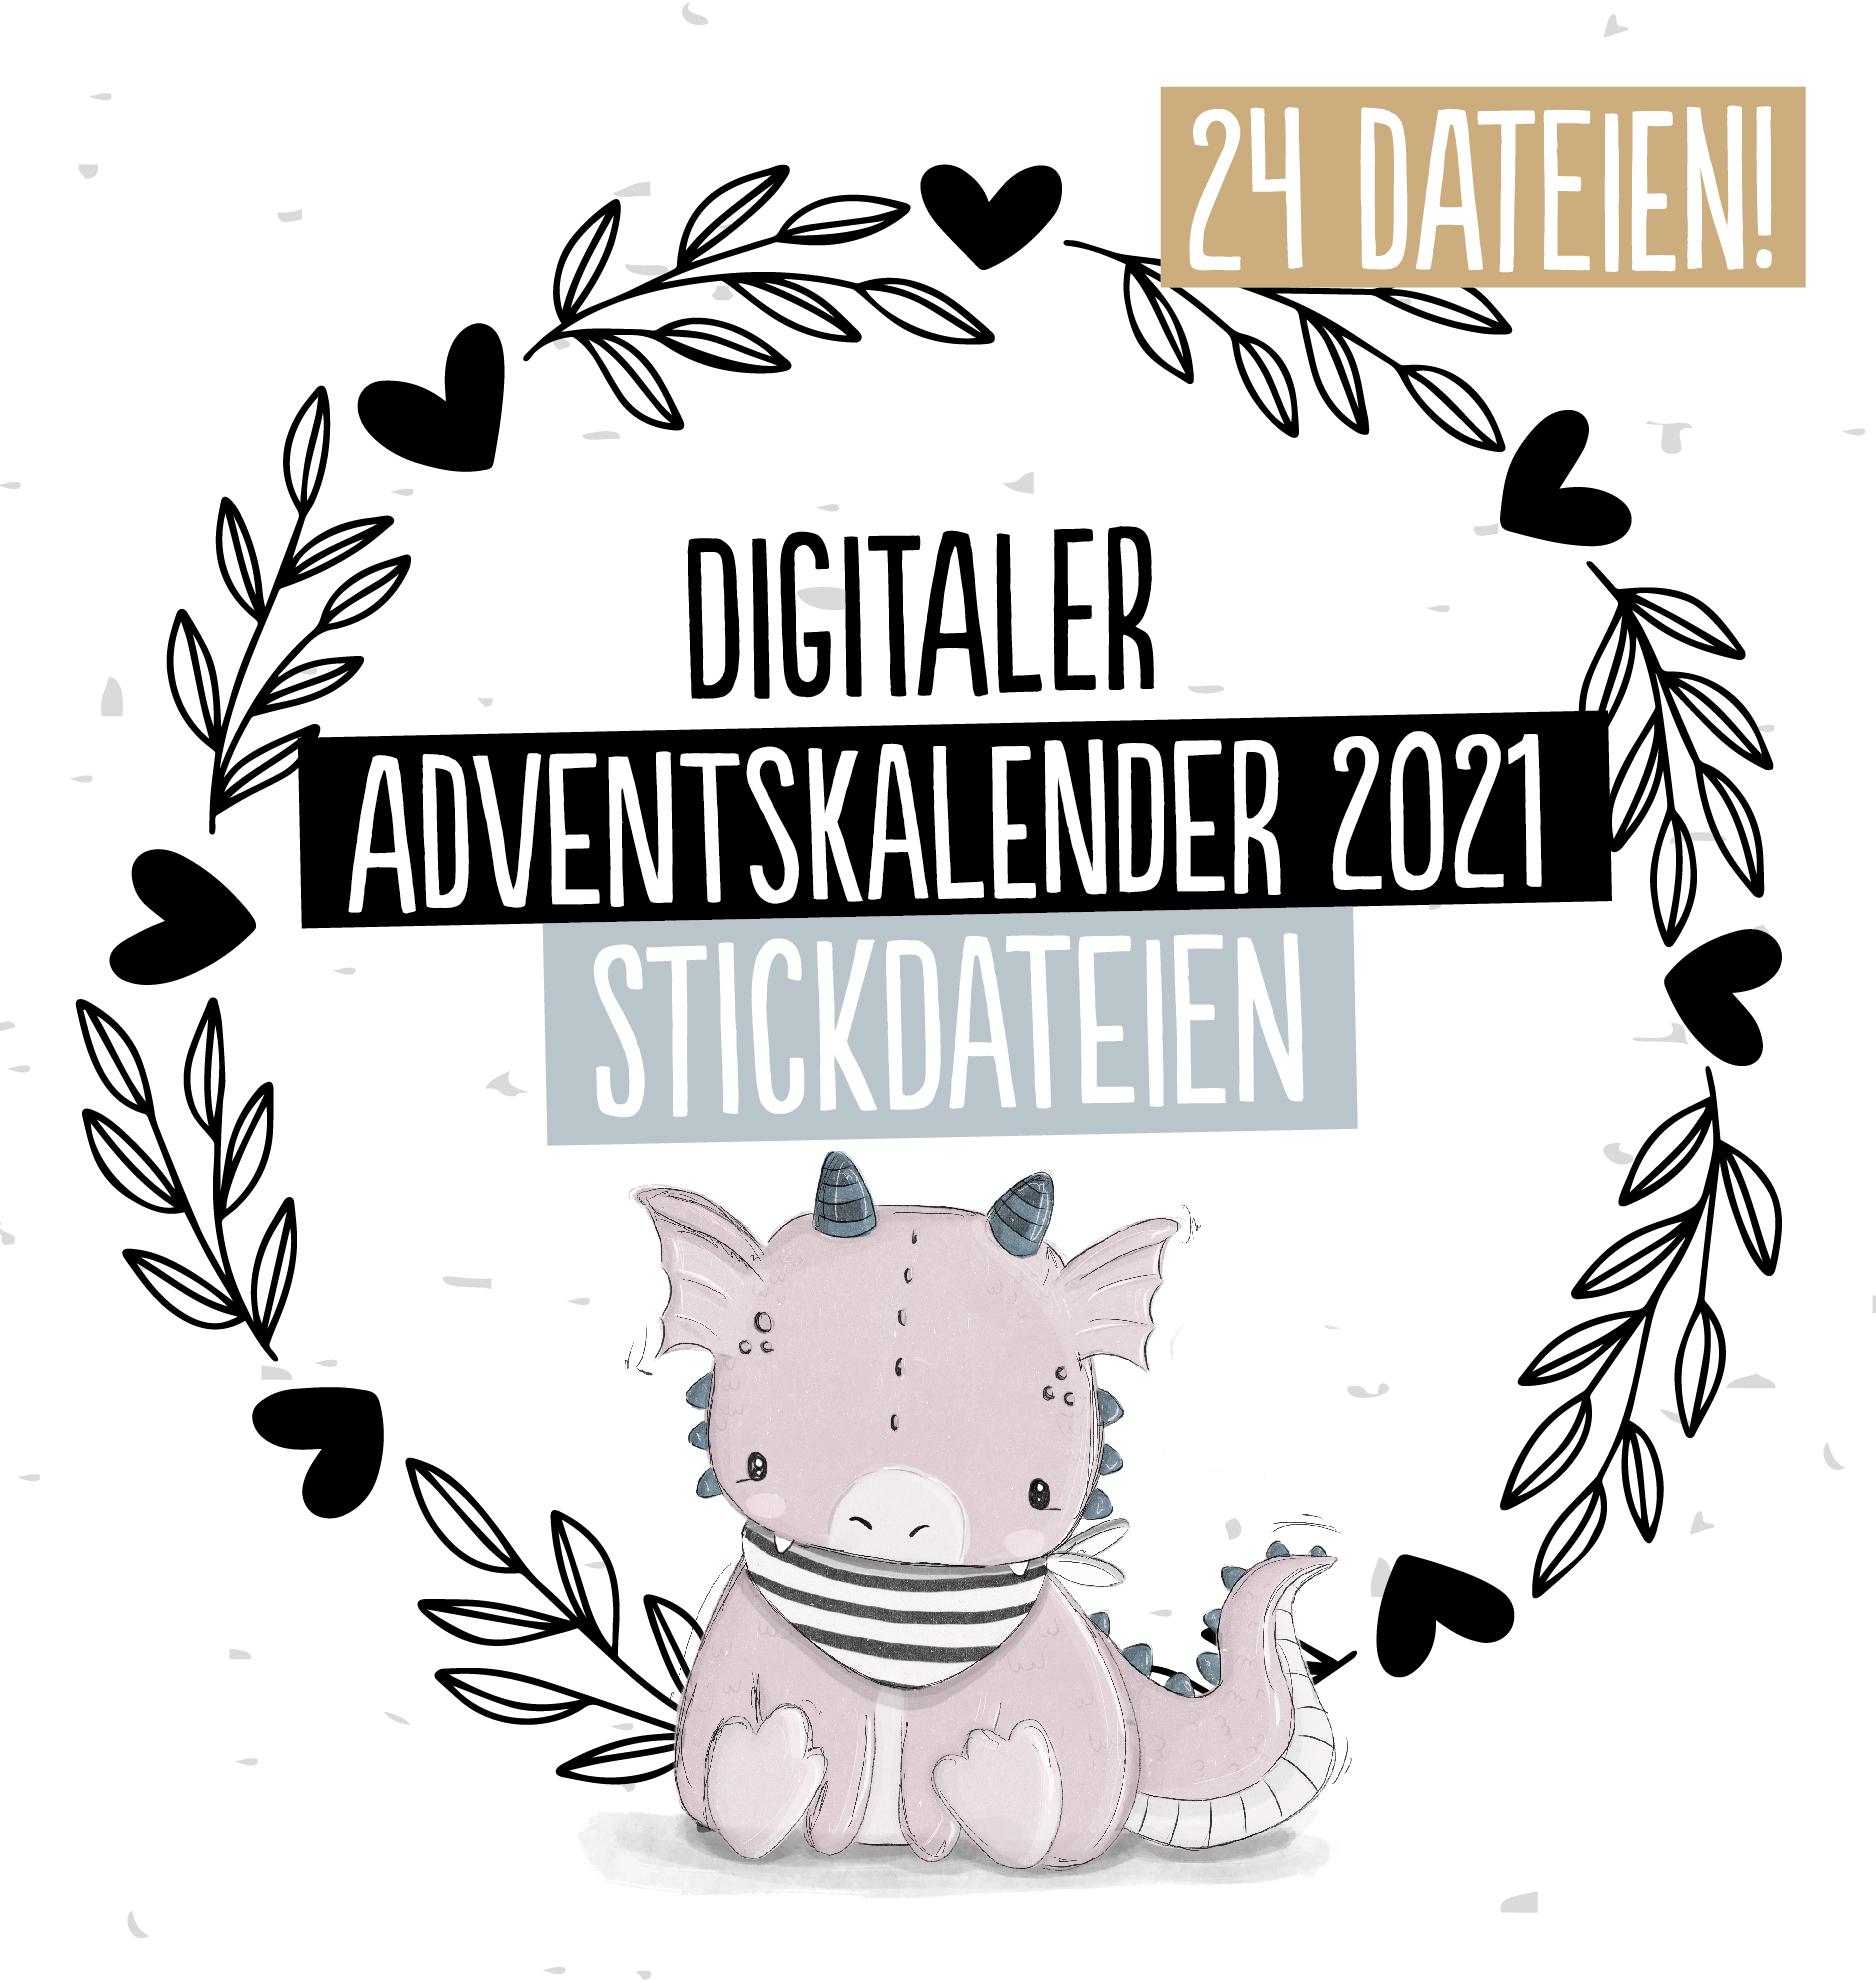 Stickdateien Adventskalender 2021